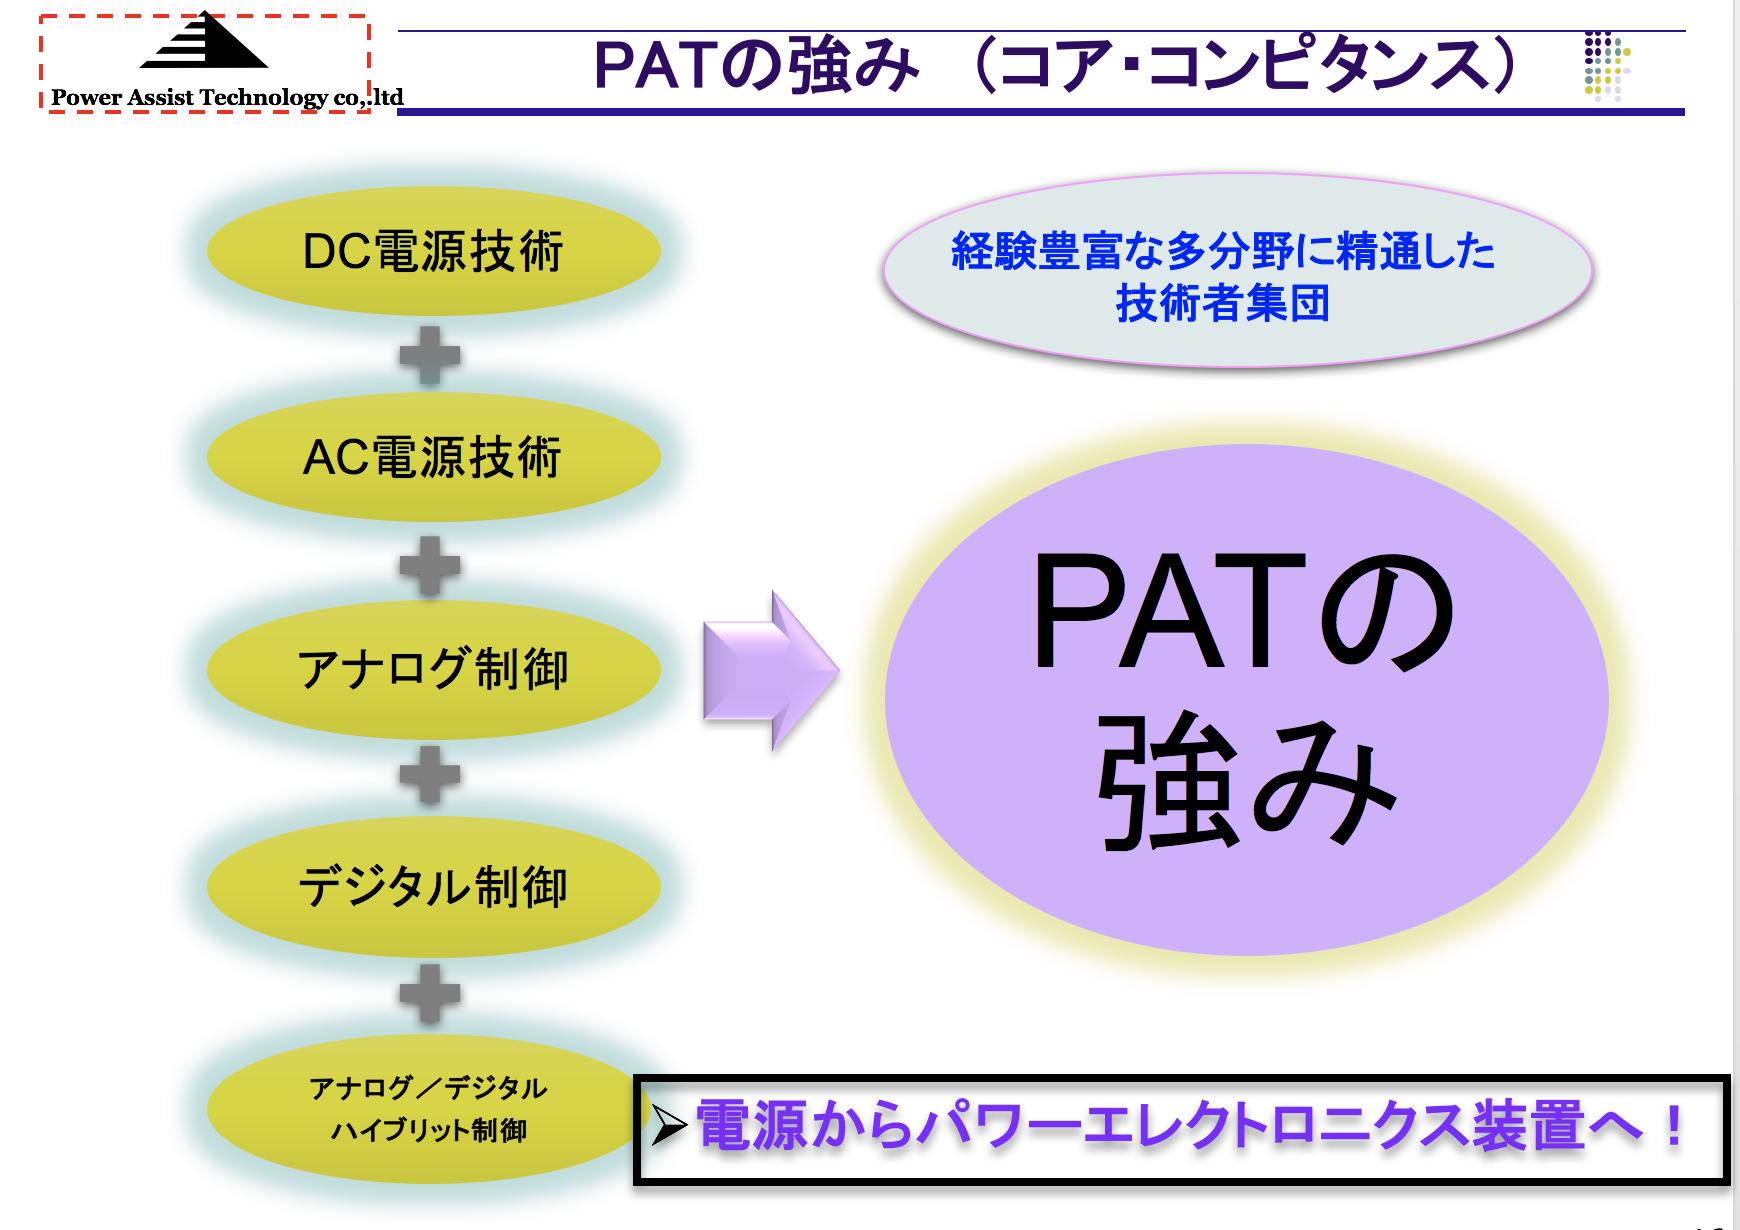 PATの強み(コア・コンピタンス)